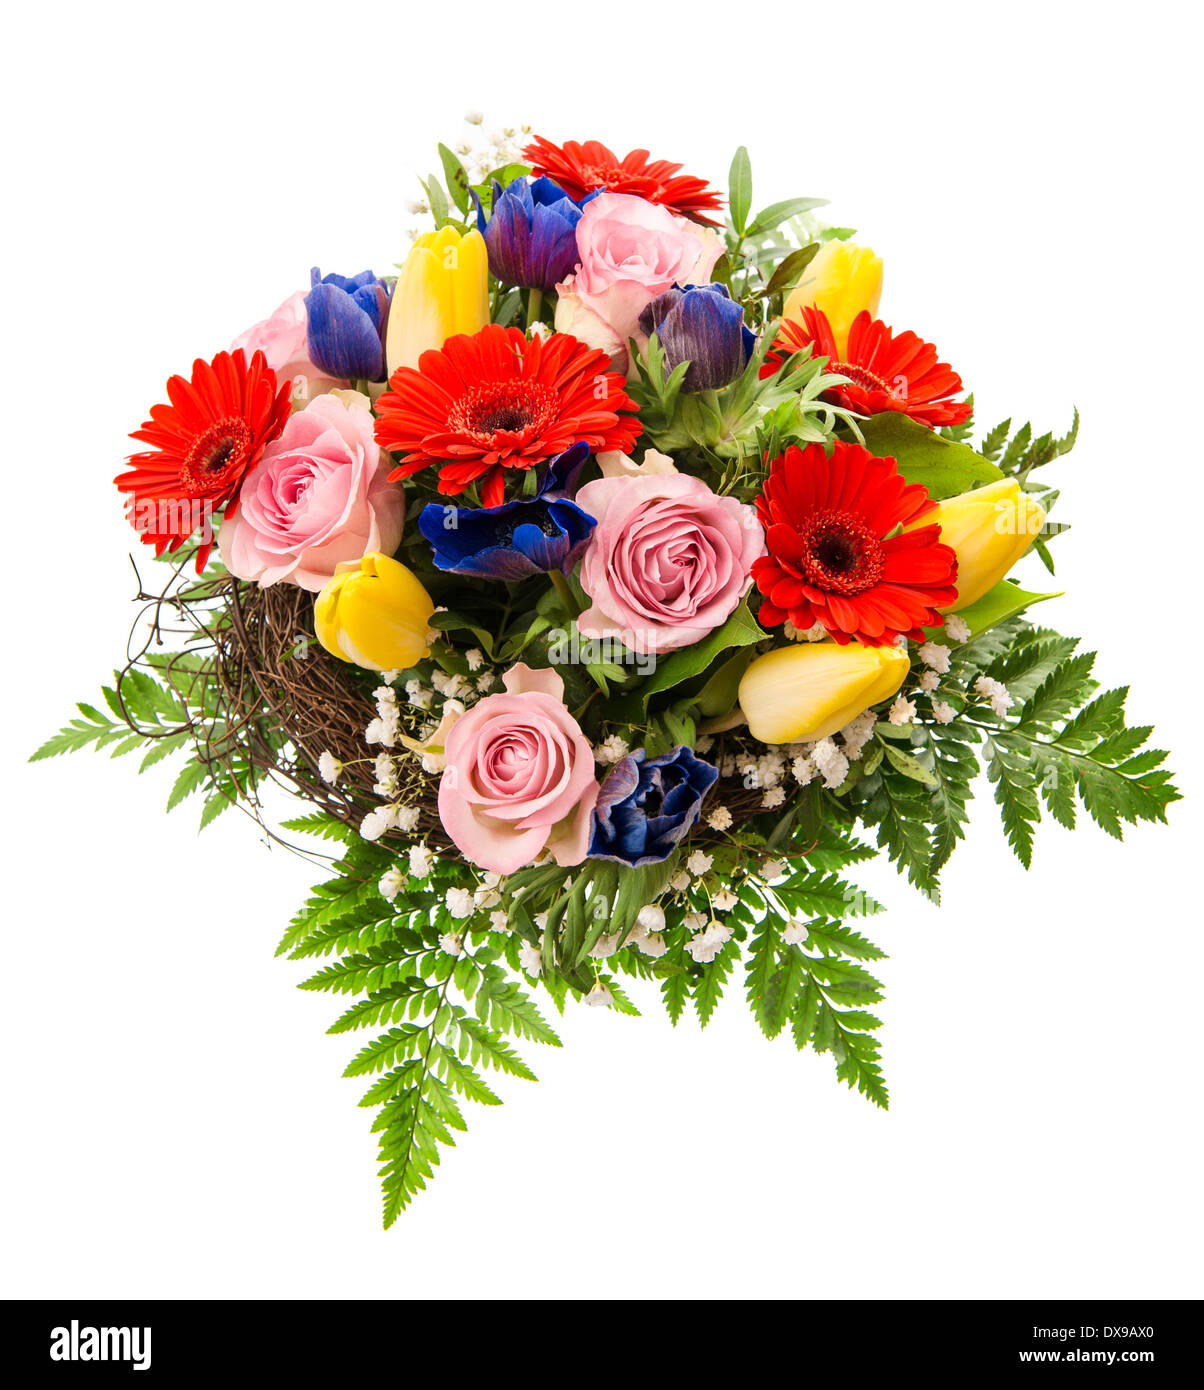 Gros Plan Du Bouquet De Fleurs Printanieres Colorees Isole Sur Fond